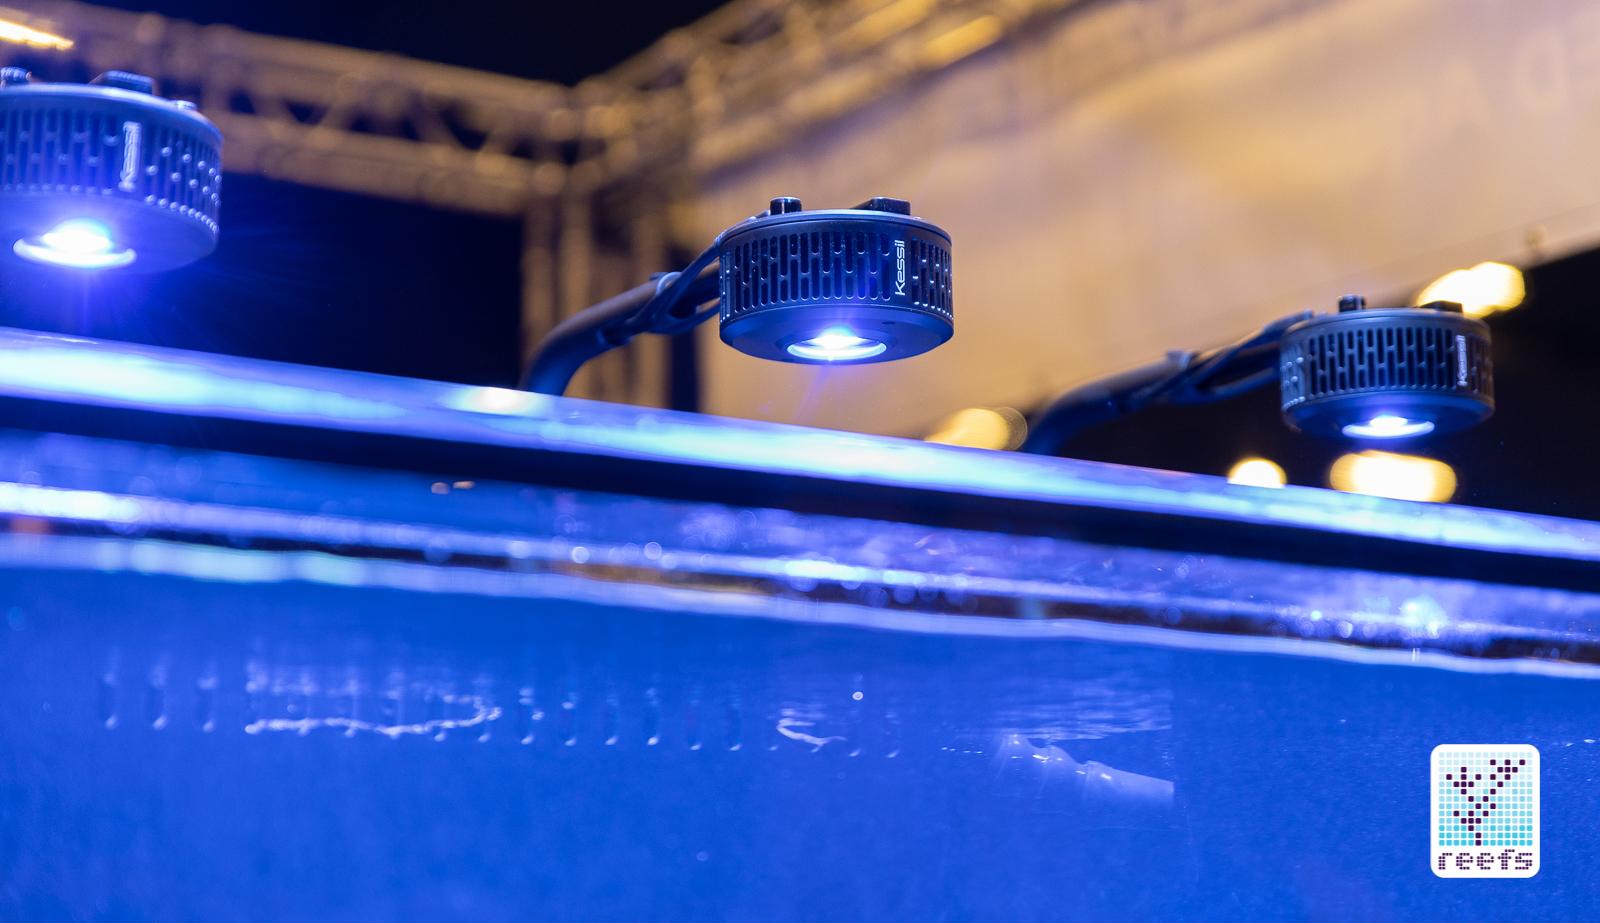 Kessil a360x light